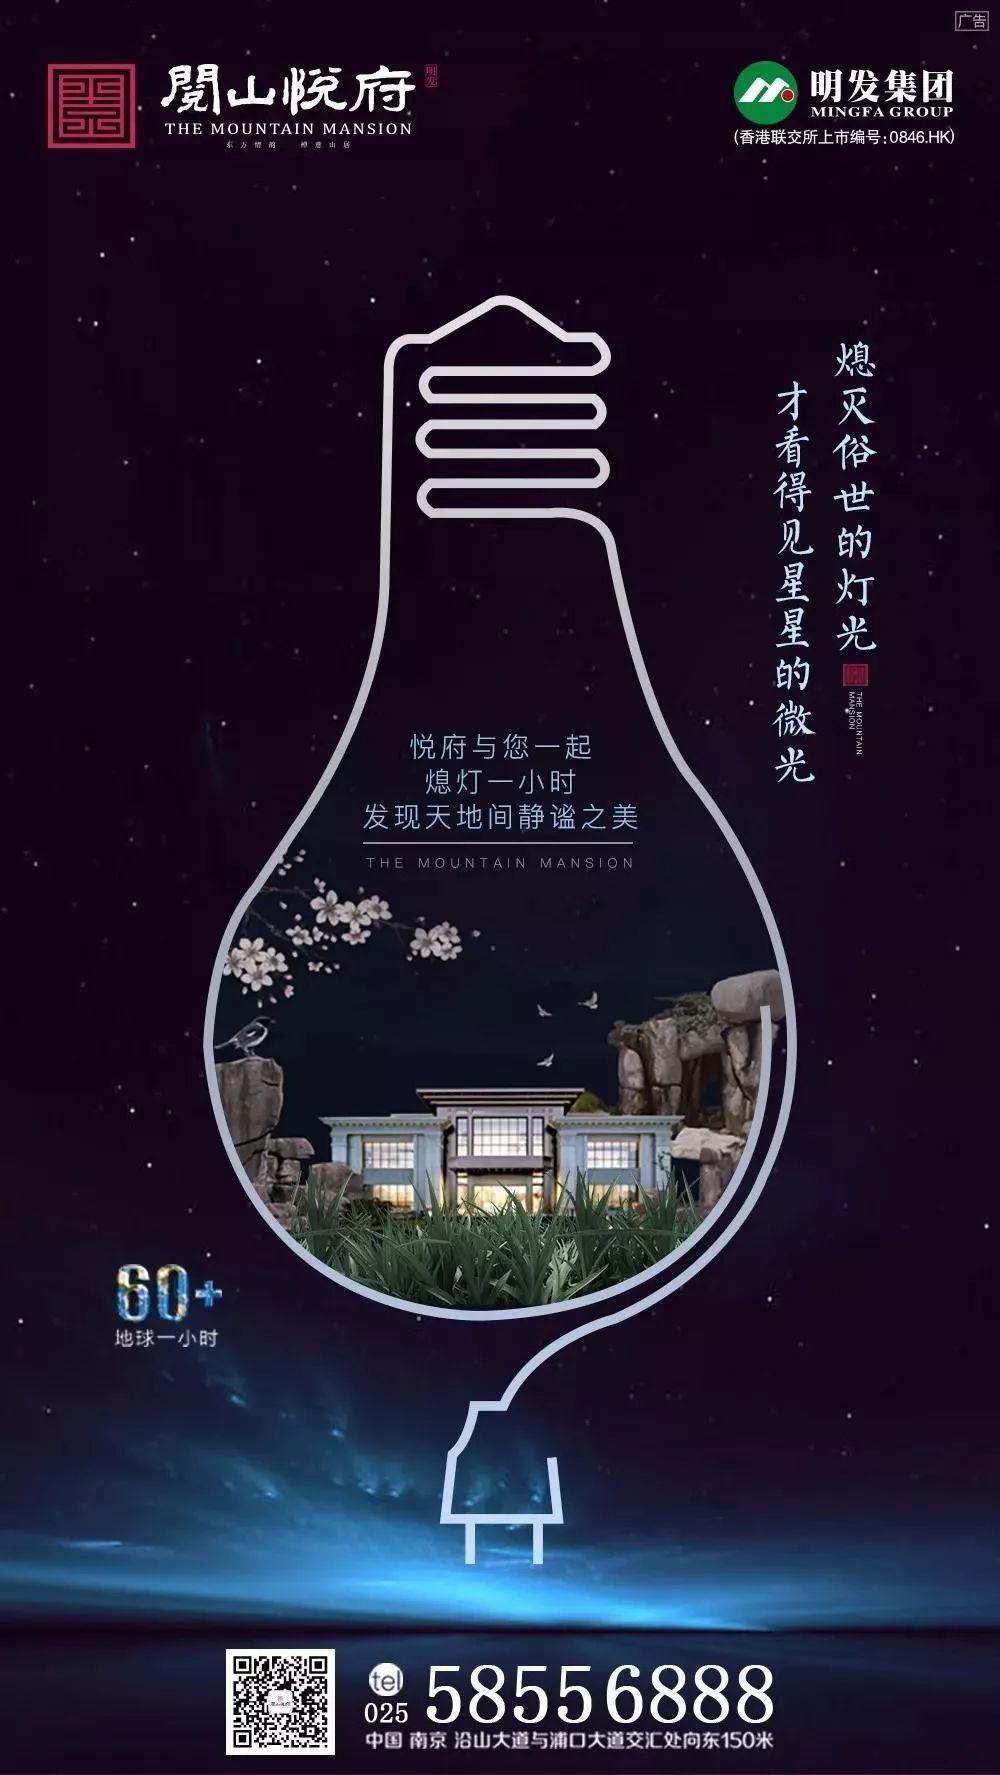 地球一小时文案海报:抬头发现天空中最亮的星!插图38